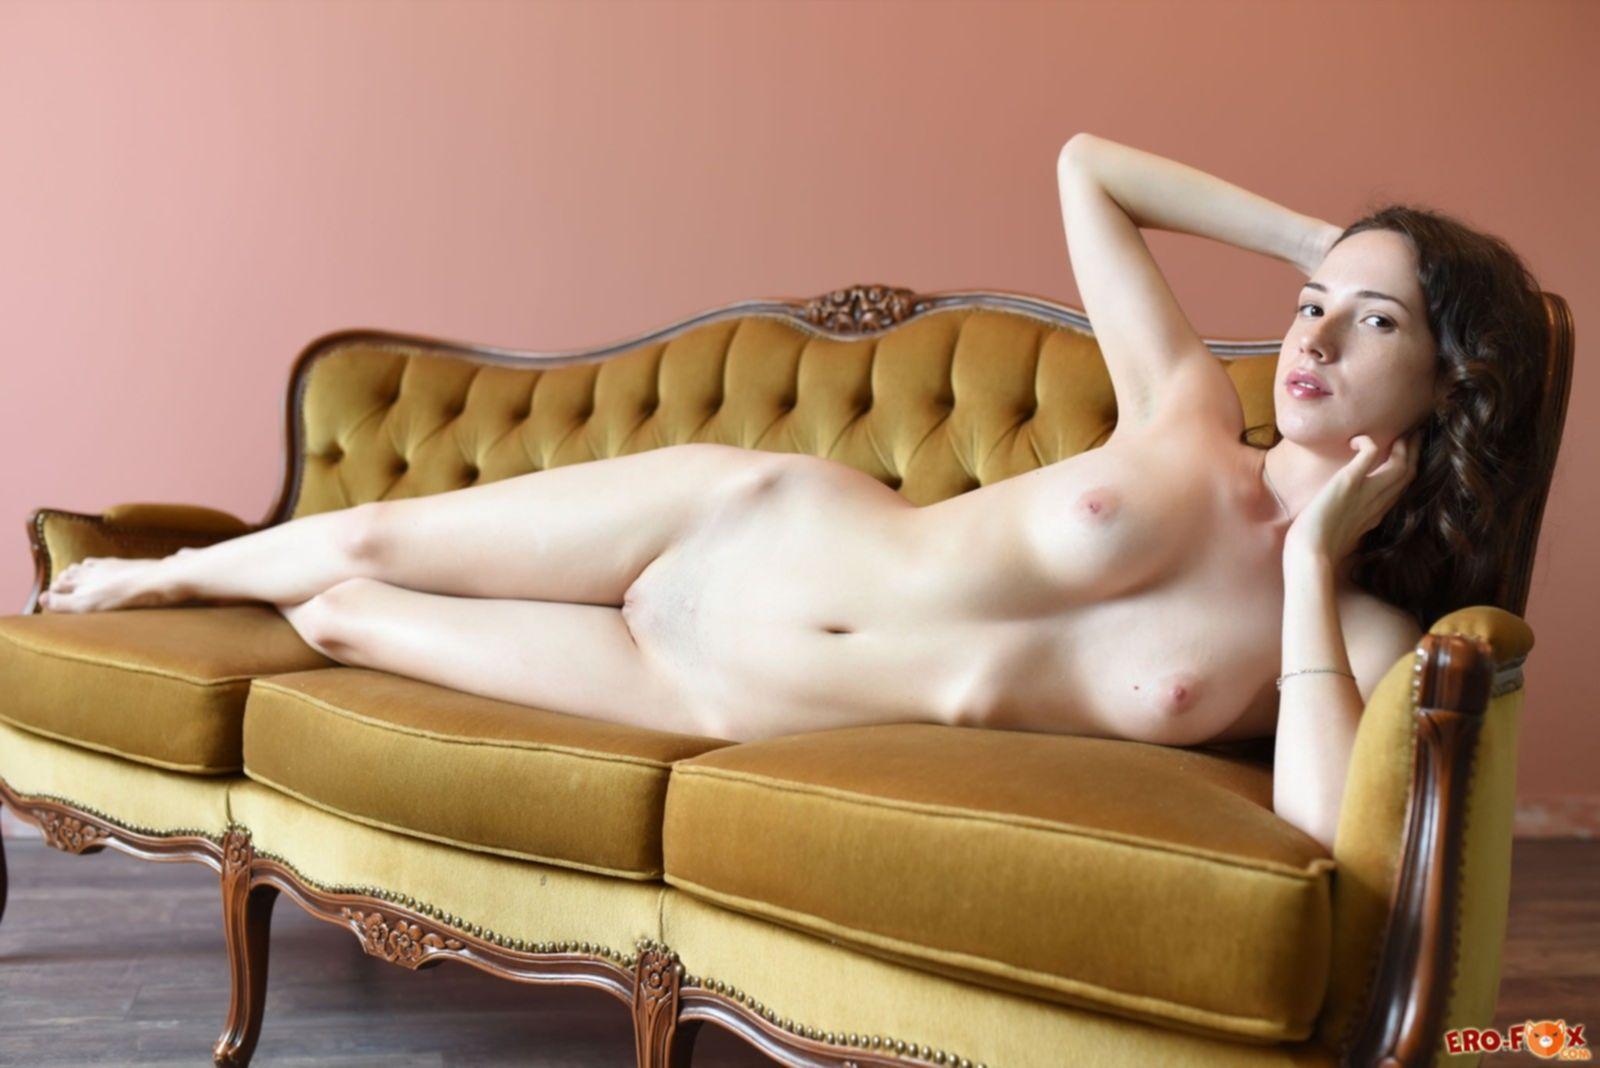 Голая худенькая девушка с бритой писей - фото